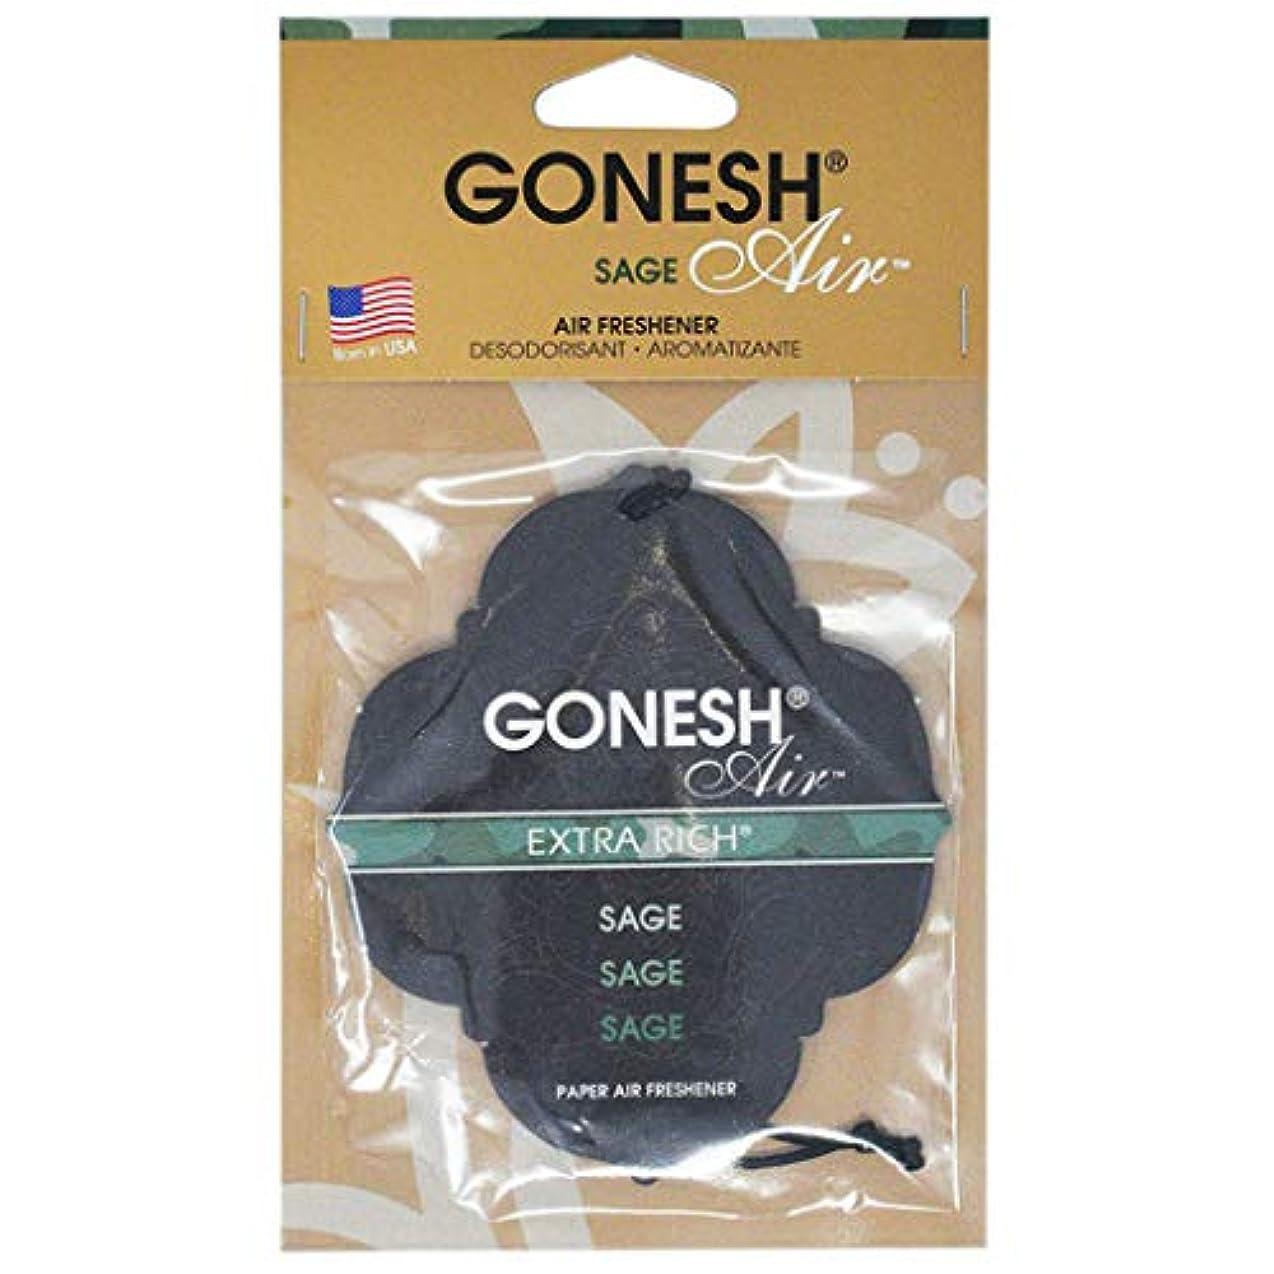 ベールノイズ排除するGONESH(ガーネッシュ) GONESHペ-パ-エアフレッシュナ- SAGE 96mm×3mm×170mm